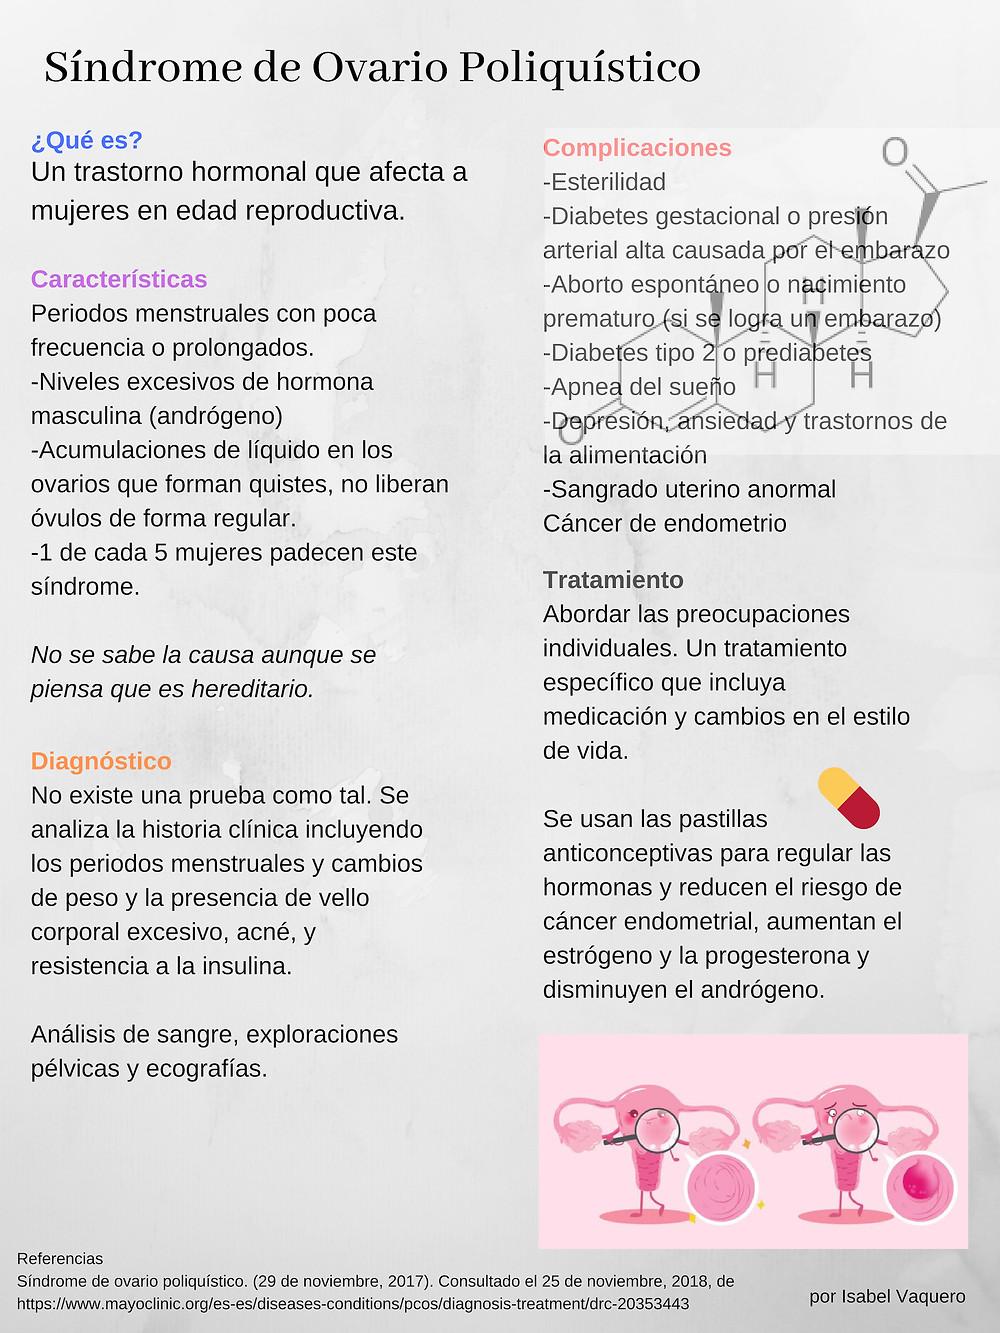 Síndrome de Ovario Poliquístico.jpg